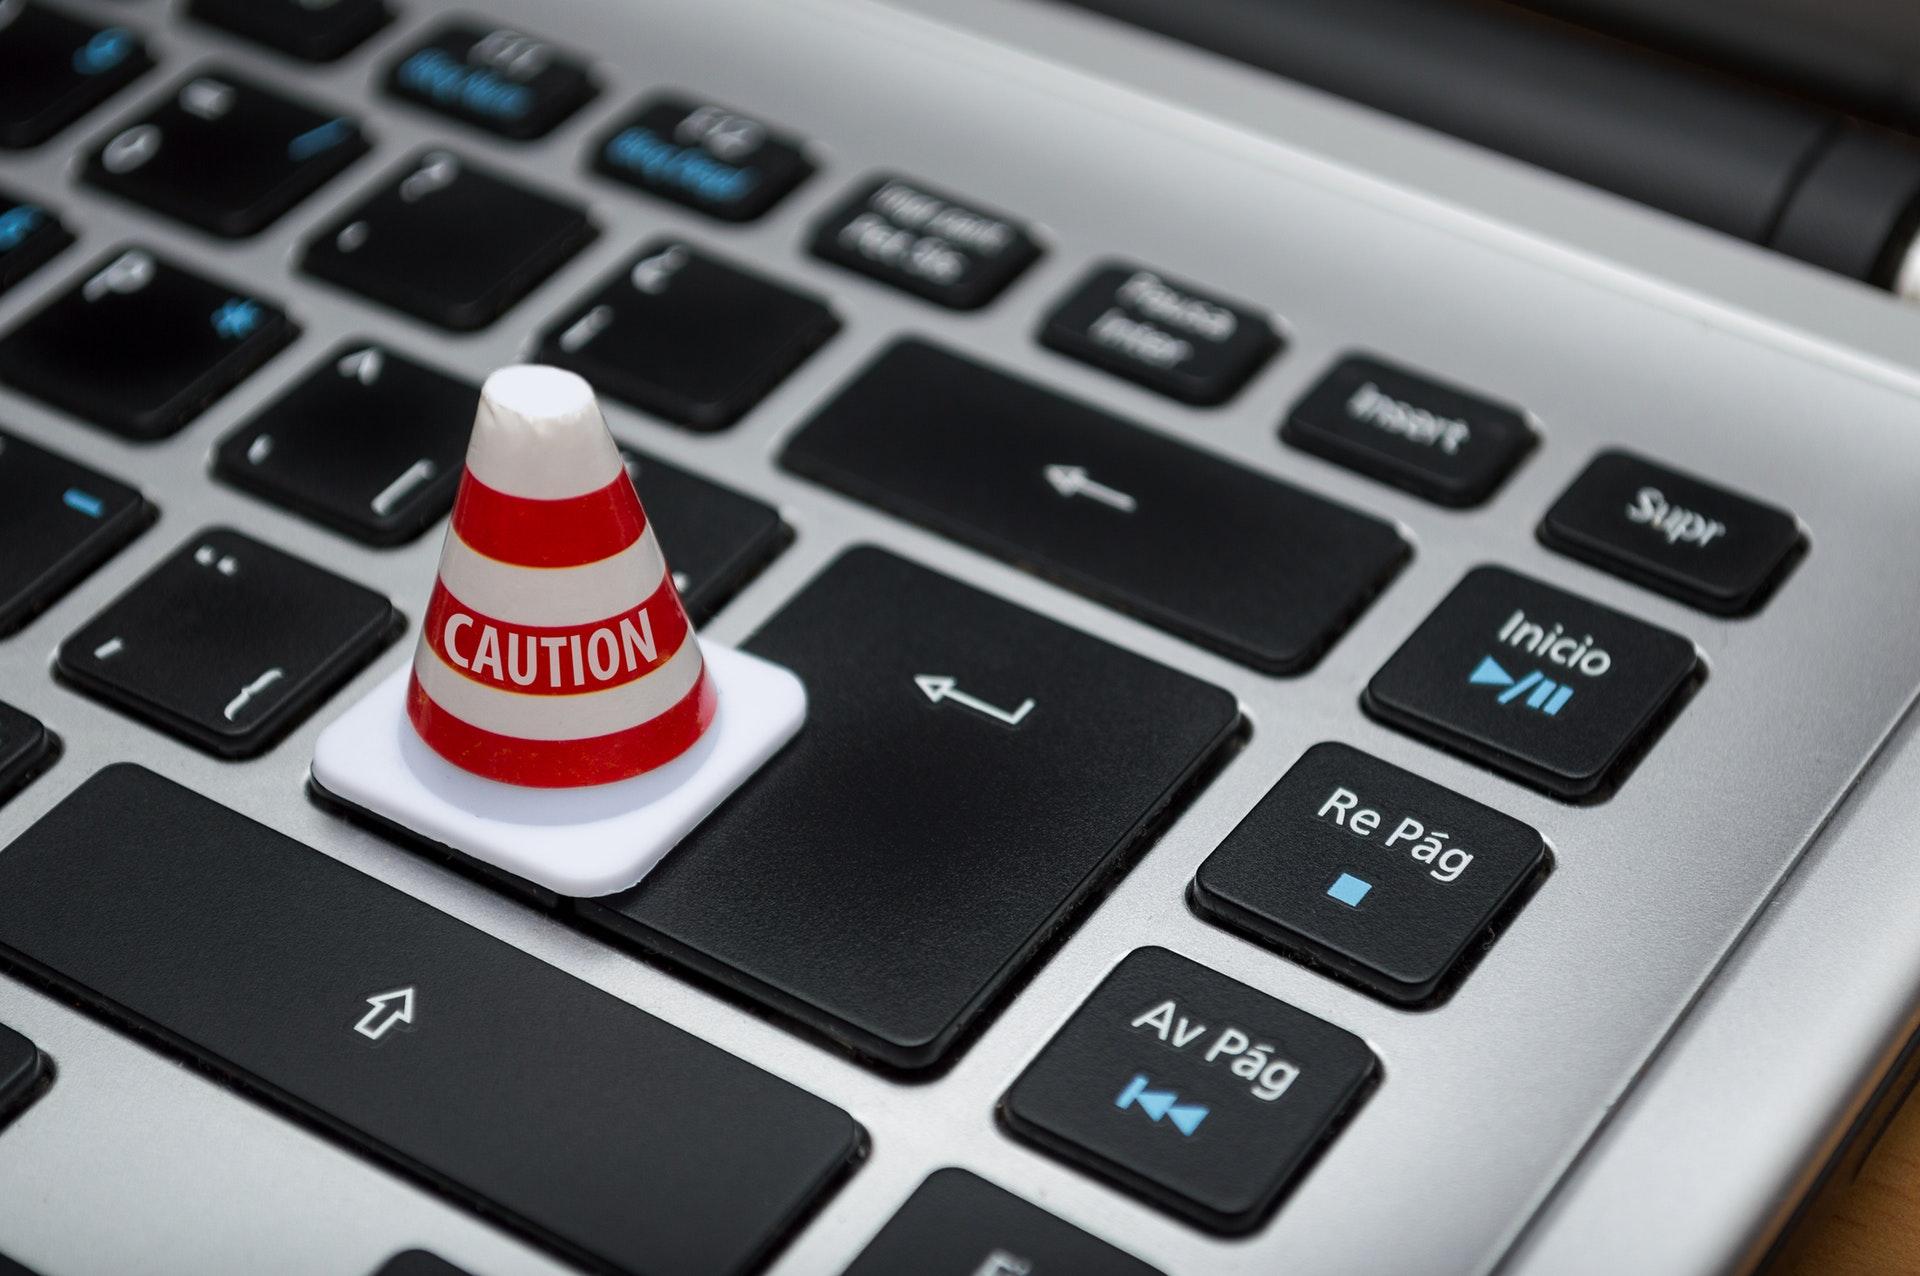 Tastiera del computer con un birillo d'attenzione